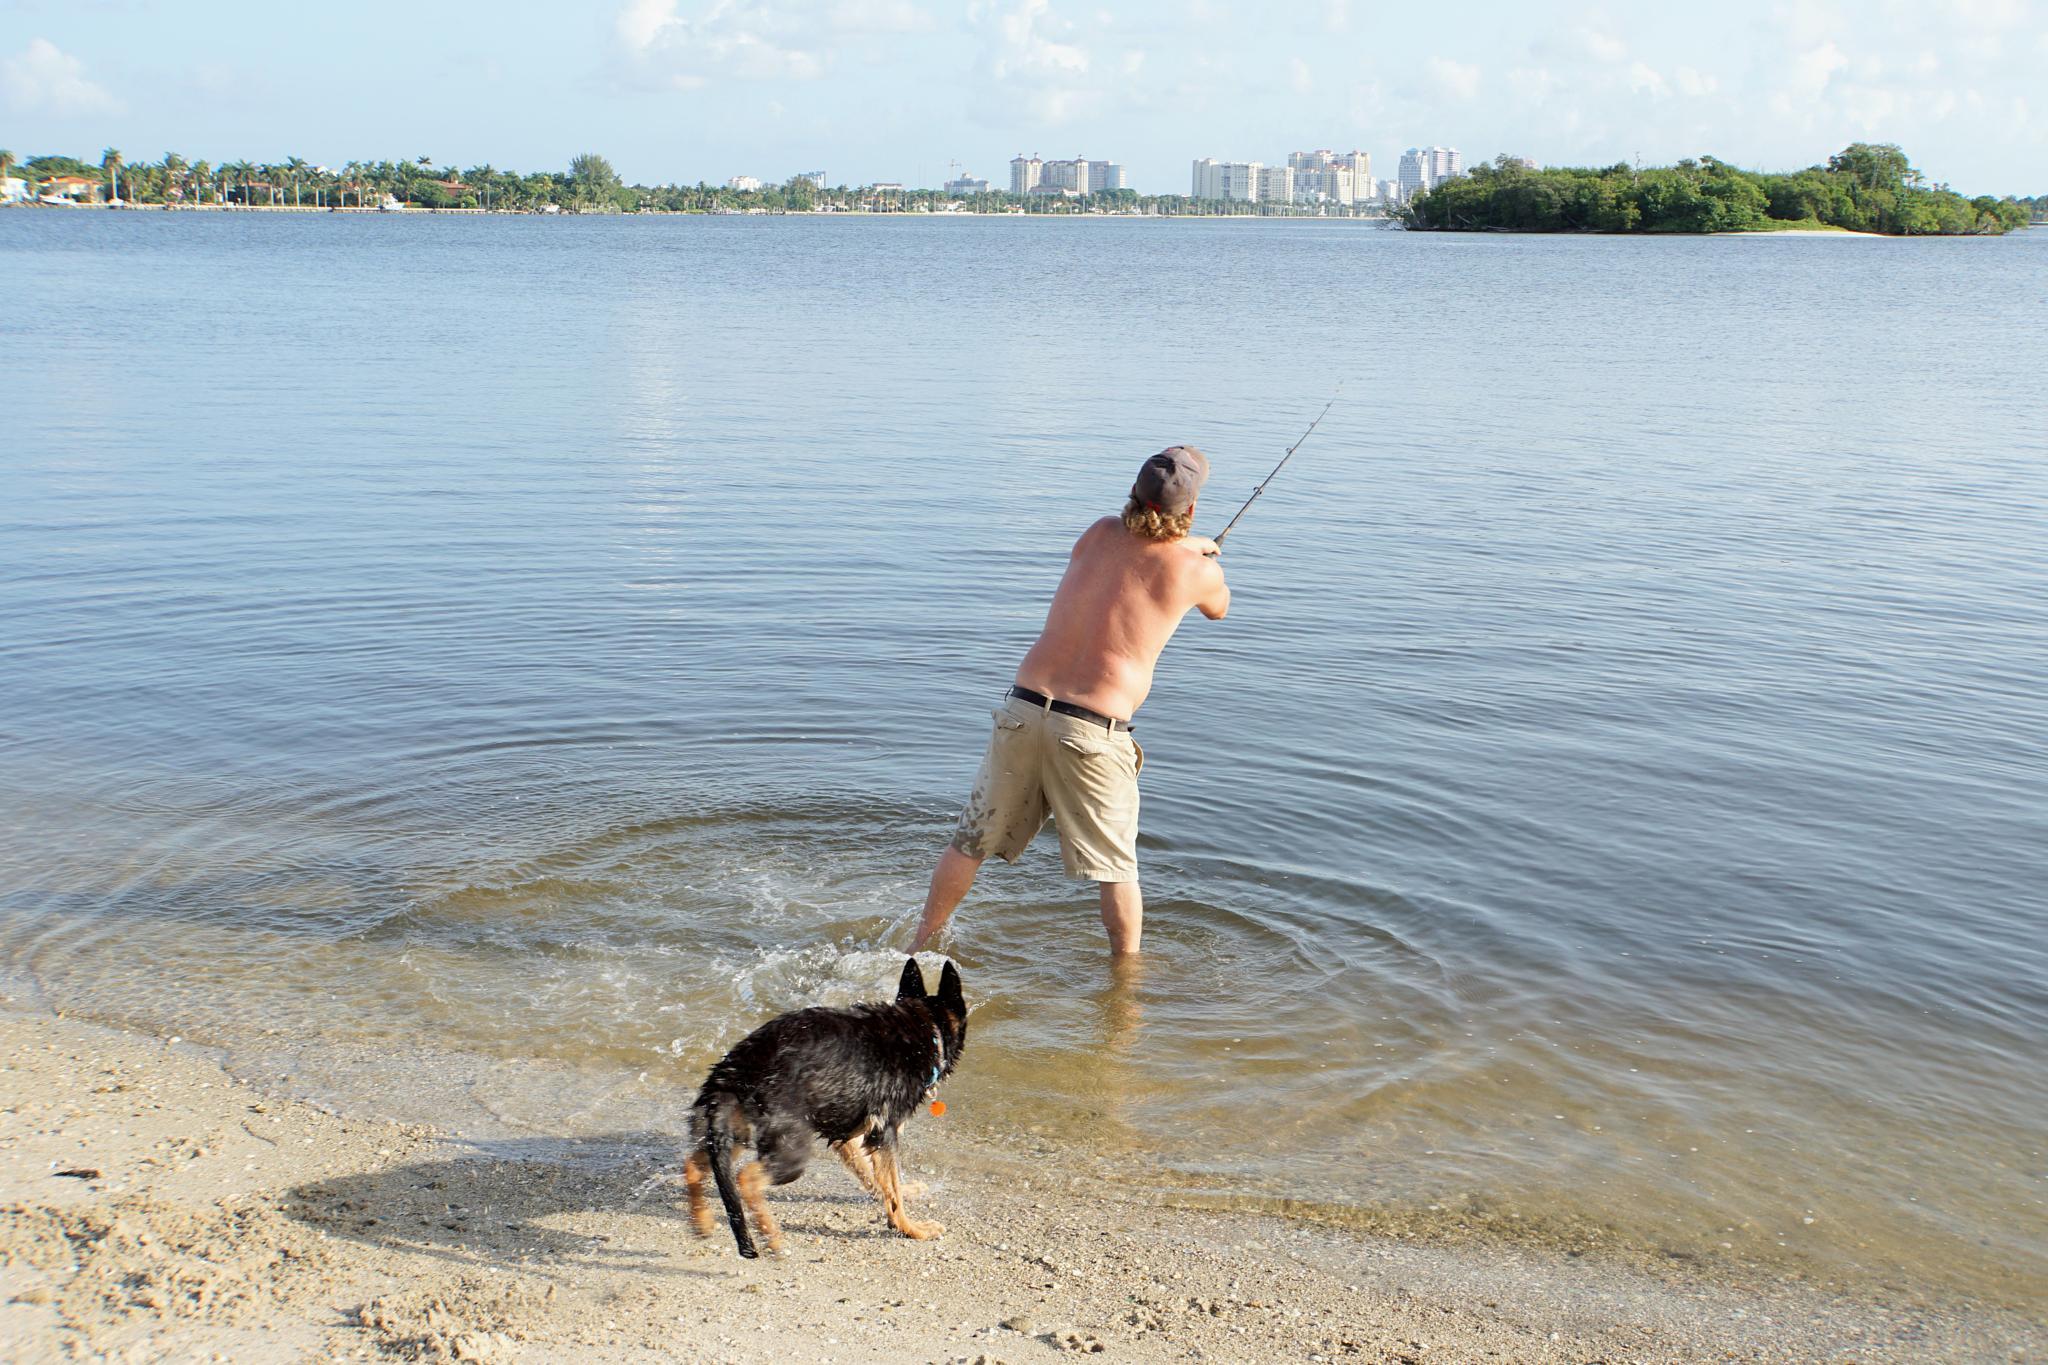 fishermans best friend by Greg L. Elder